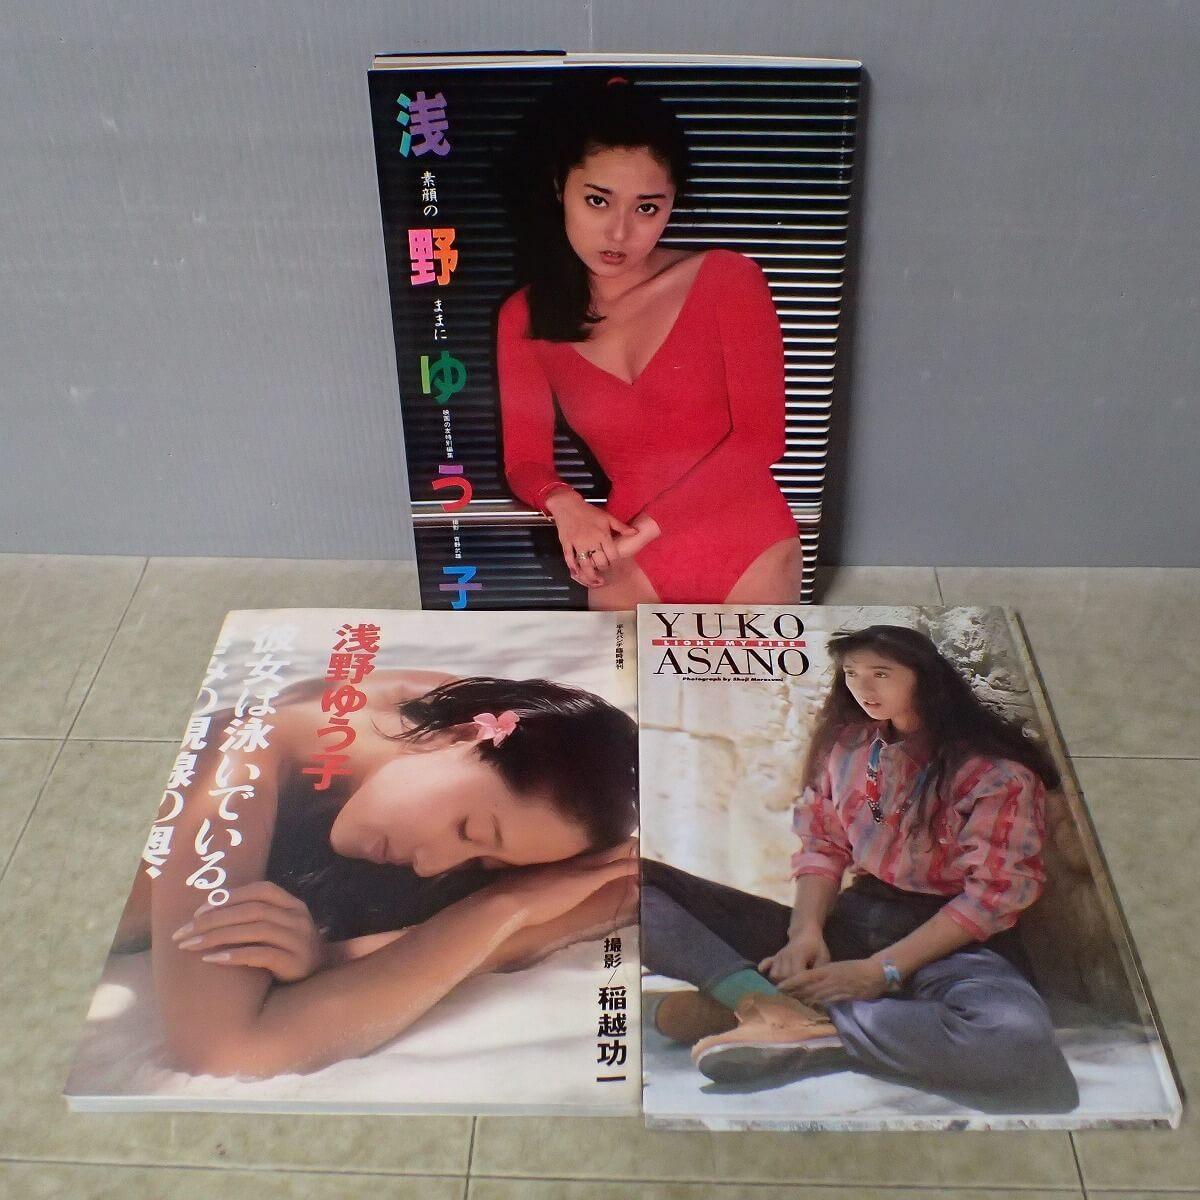 浅野ゆう子 写真集 3冊セット 素顔のままに 彼女は泳いでいる。きみの視線の奥、夢の海を。 LIGHT MY FIRE